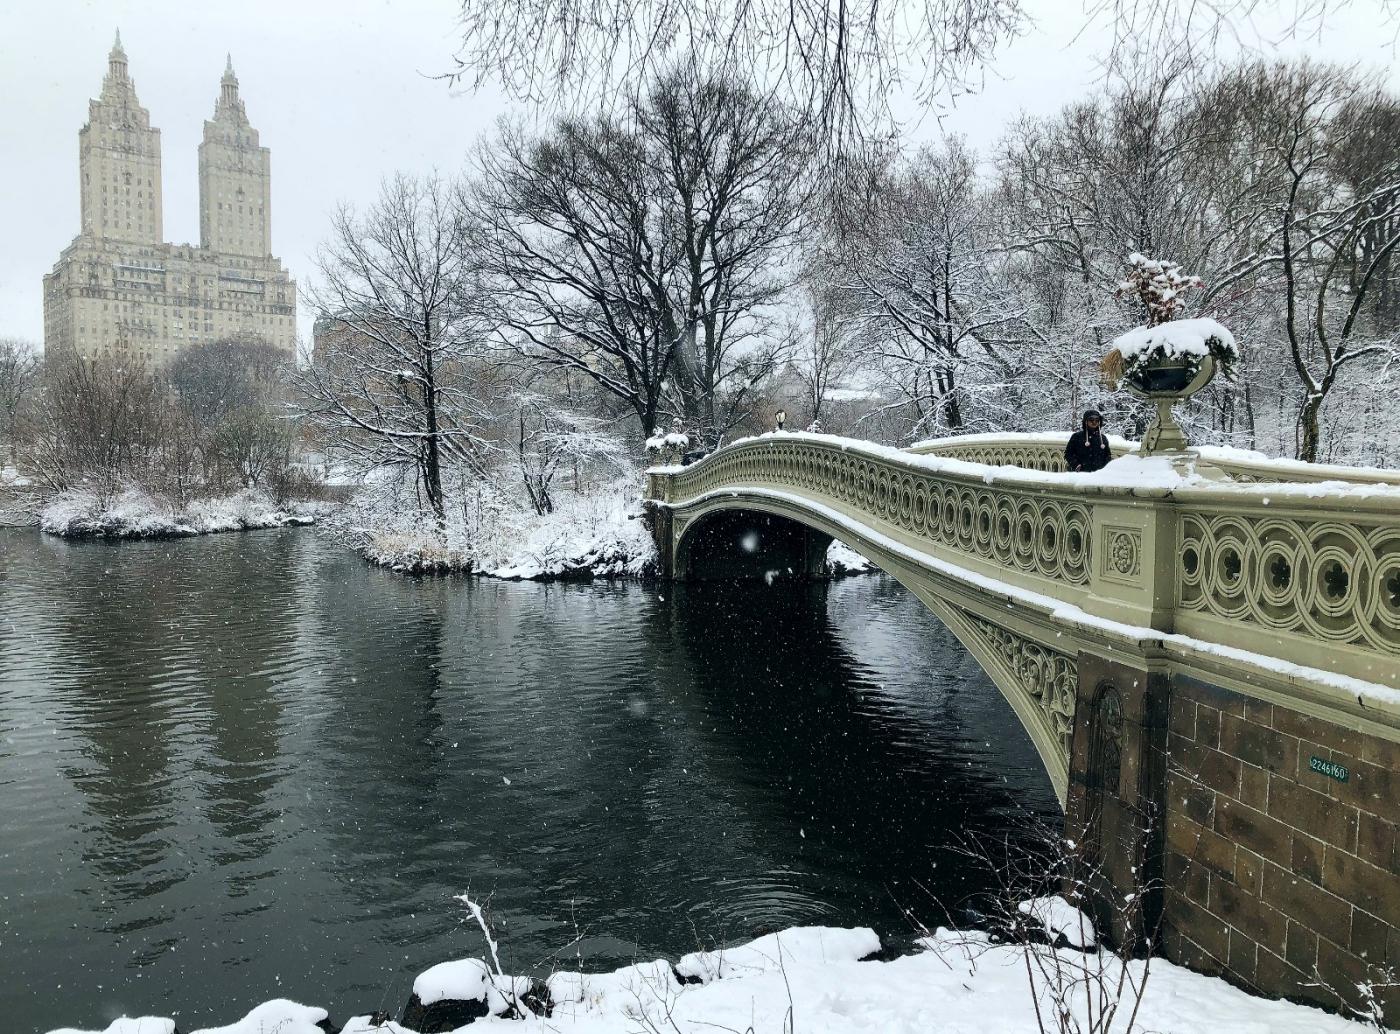 【田螺手机摄影】在纽约市拍雪景、还是中央公园最漂亮_图1-14